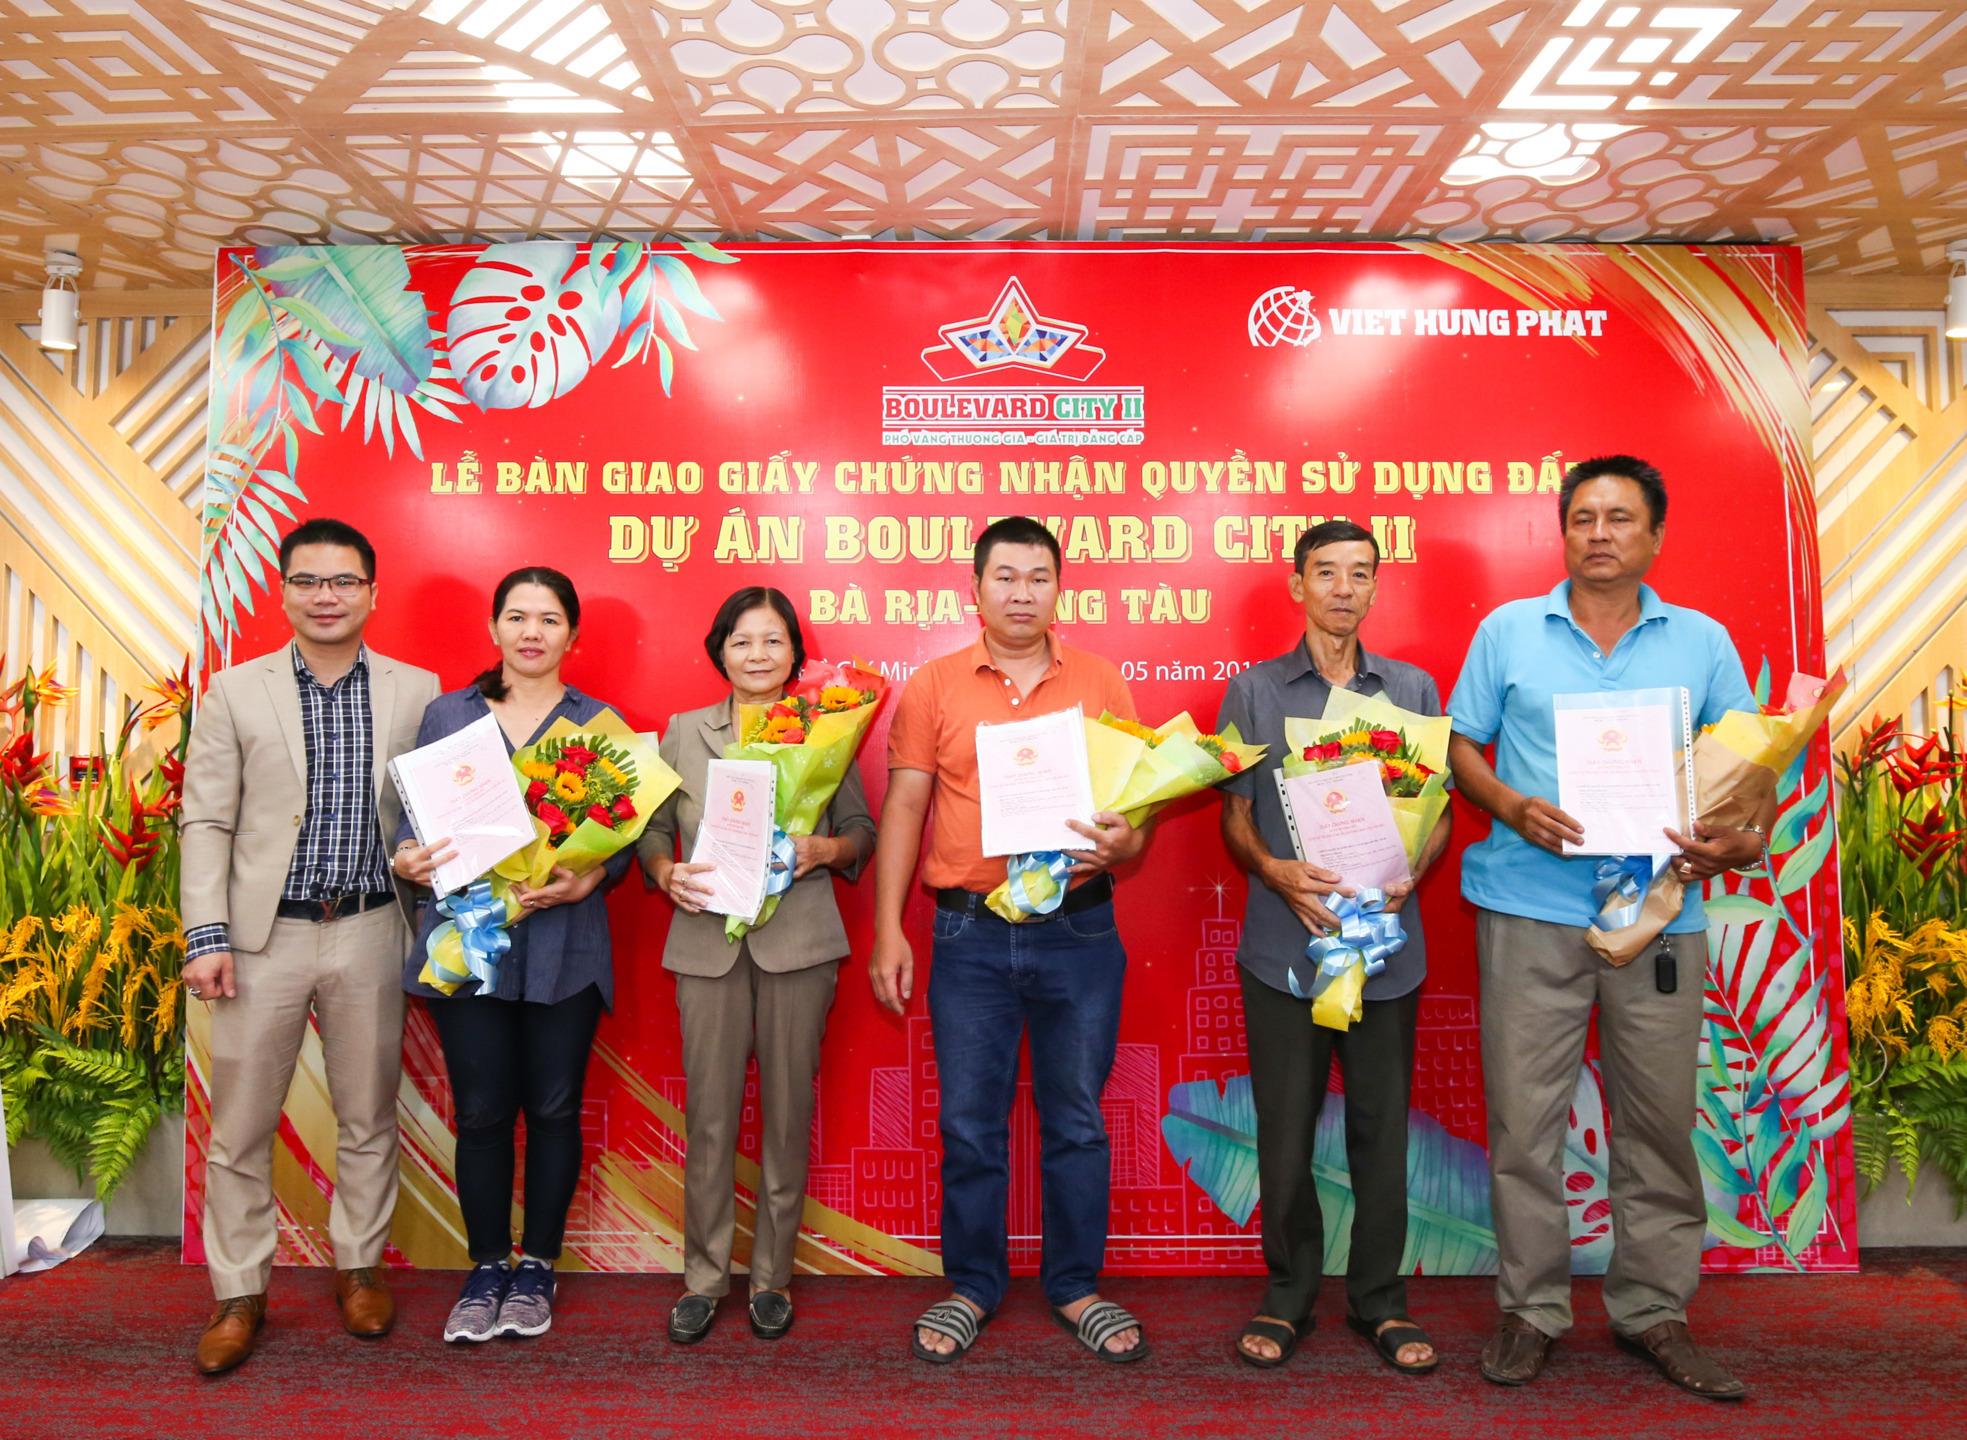 Việt Hưng Phát trao hàng trăm sổ hồng cho khách hàng tại Boulevard City Bà Rịa - Vũng Tàu